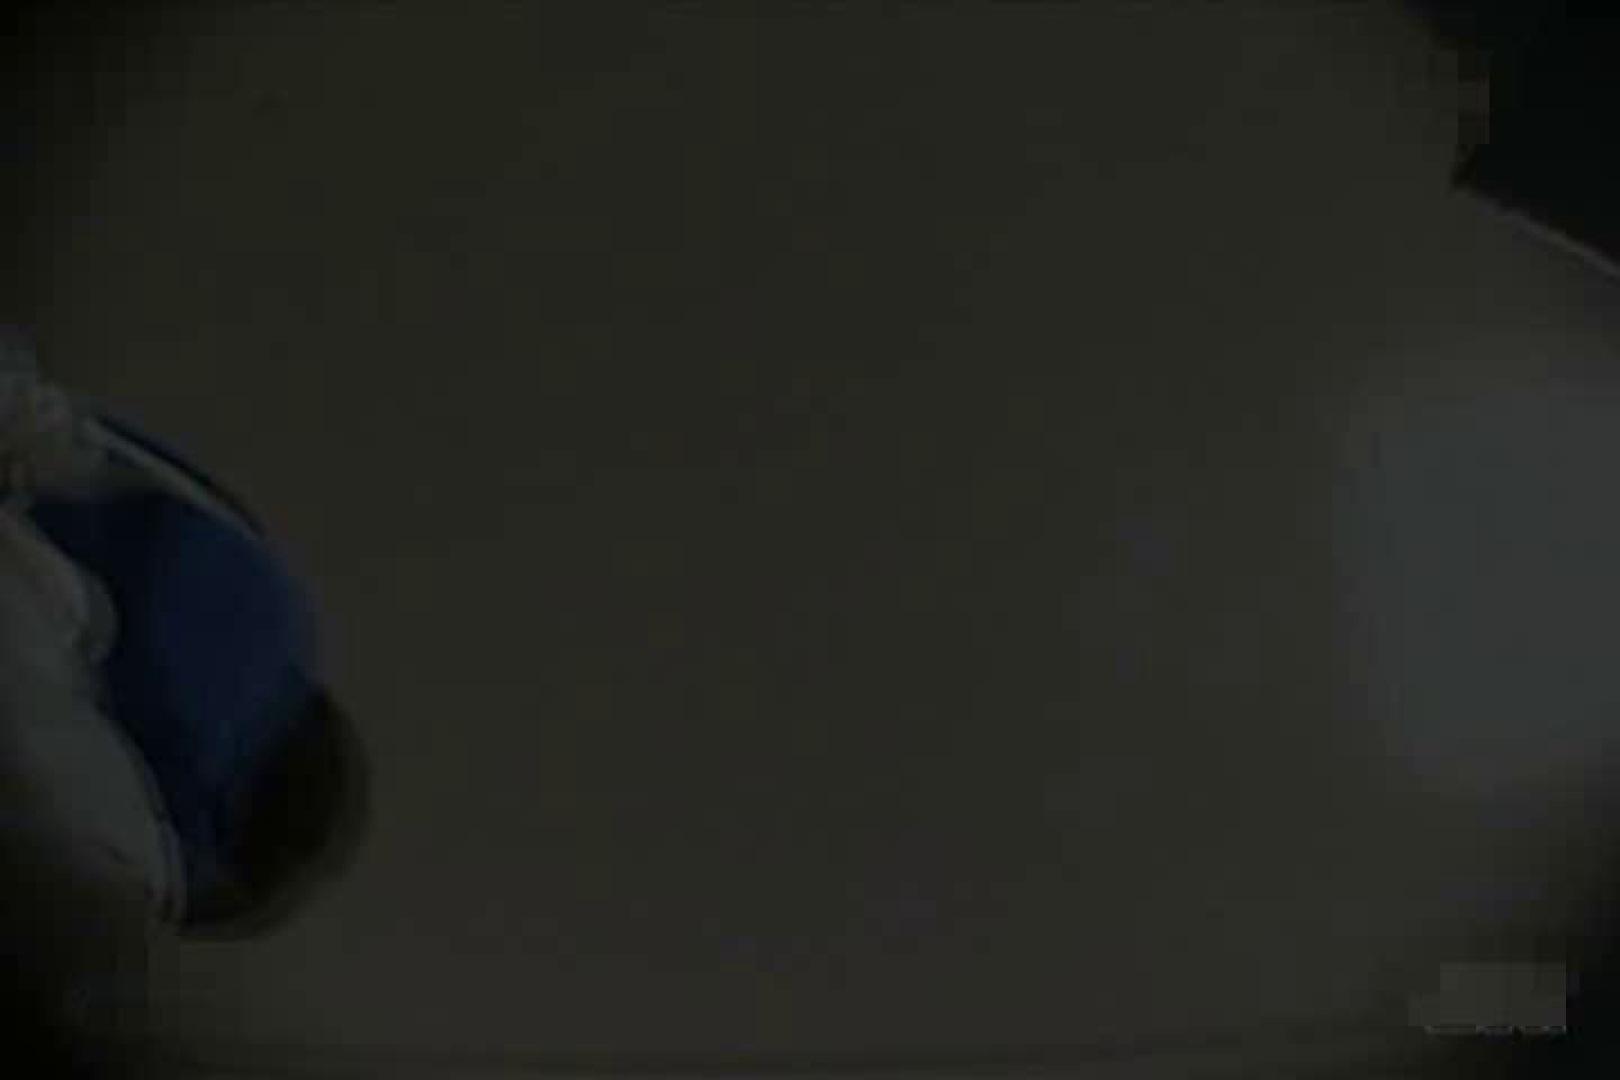 パンチラ七変化!!Vol.15 美女丸裸 のぞき動画画像 98pic 94